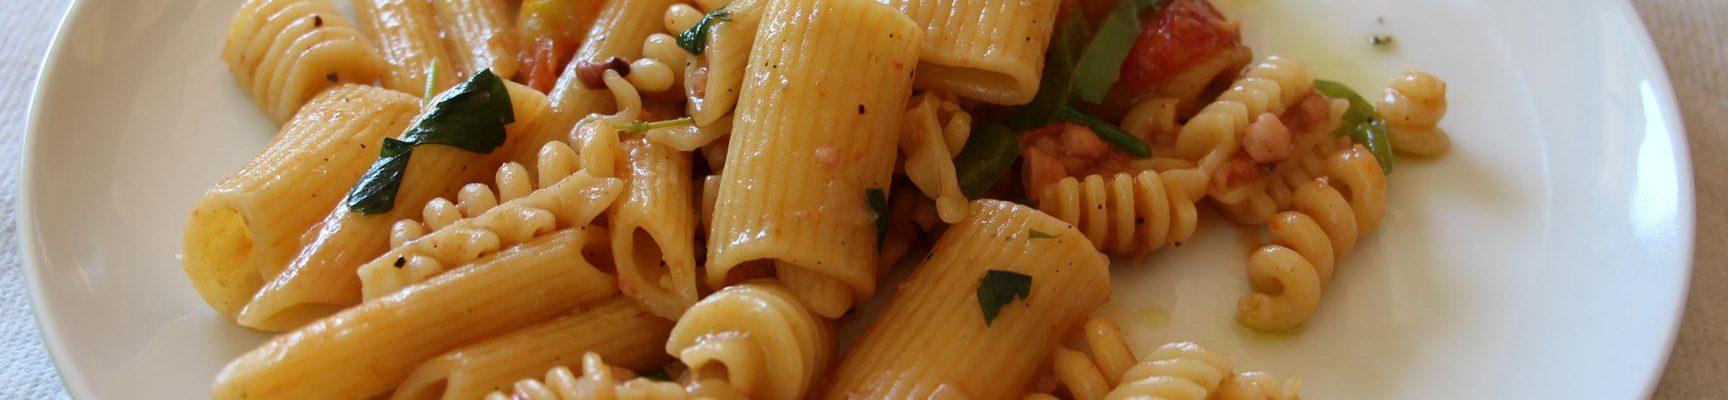 Spaghetti alle Vongole | Trattoria Da Ardi - Cesenatico